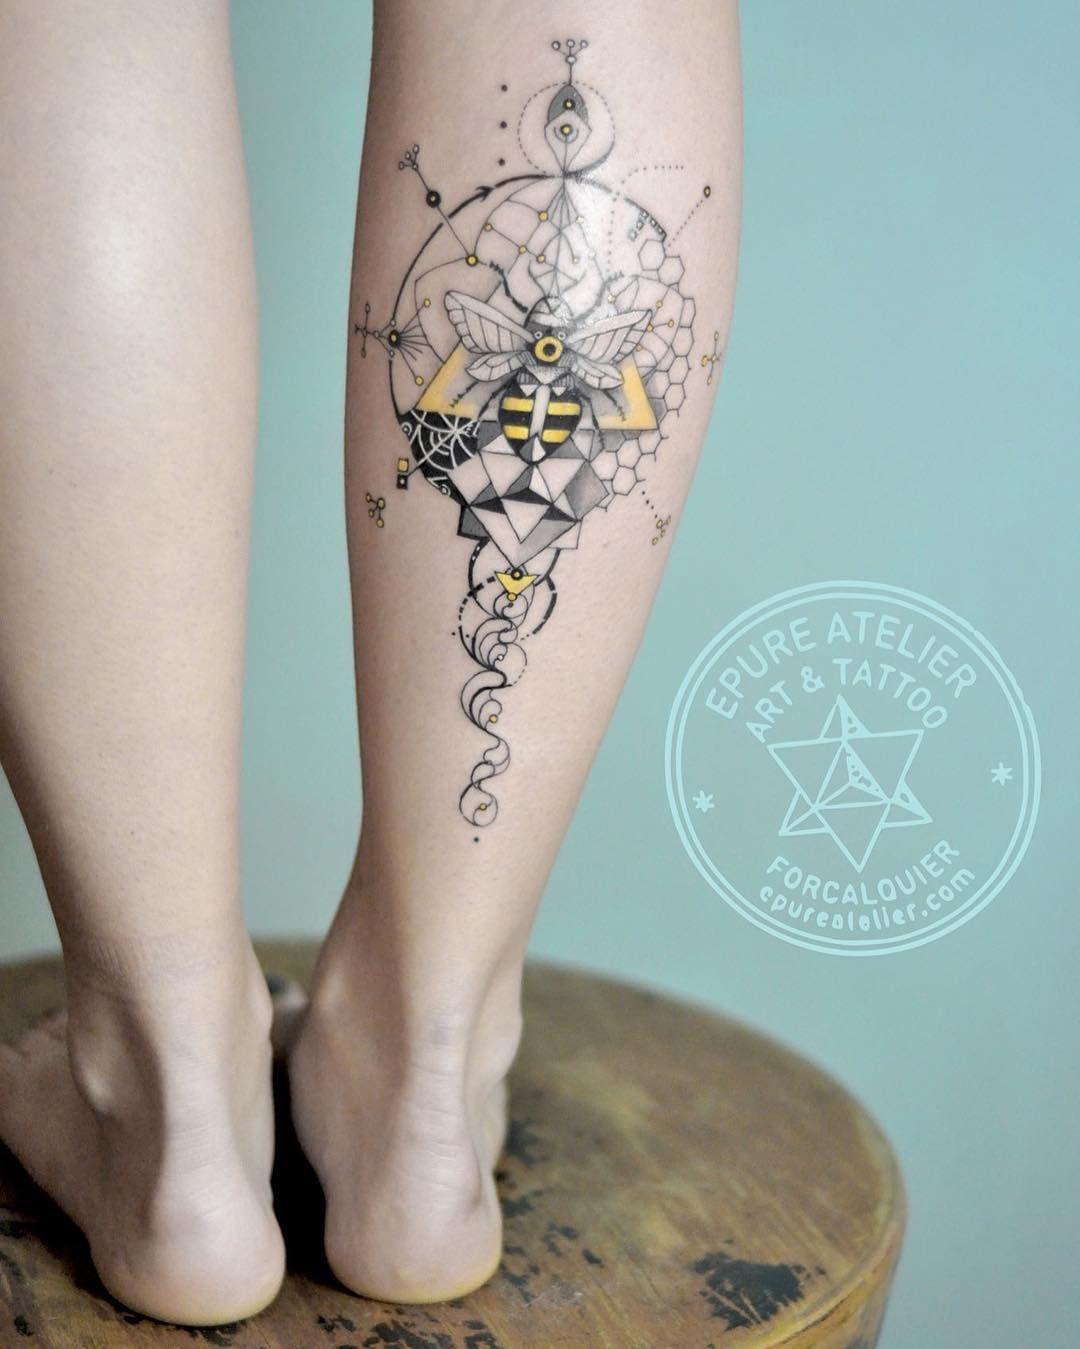 Bee Beetattoo Geometry Ink Tattoo Epureatelier Marieroura Finelinetattoo